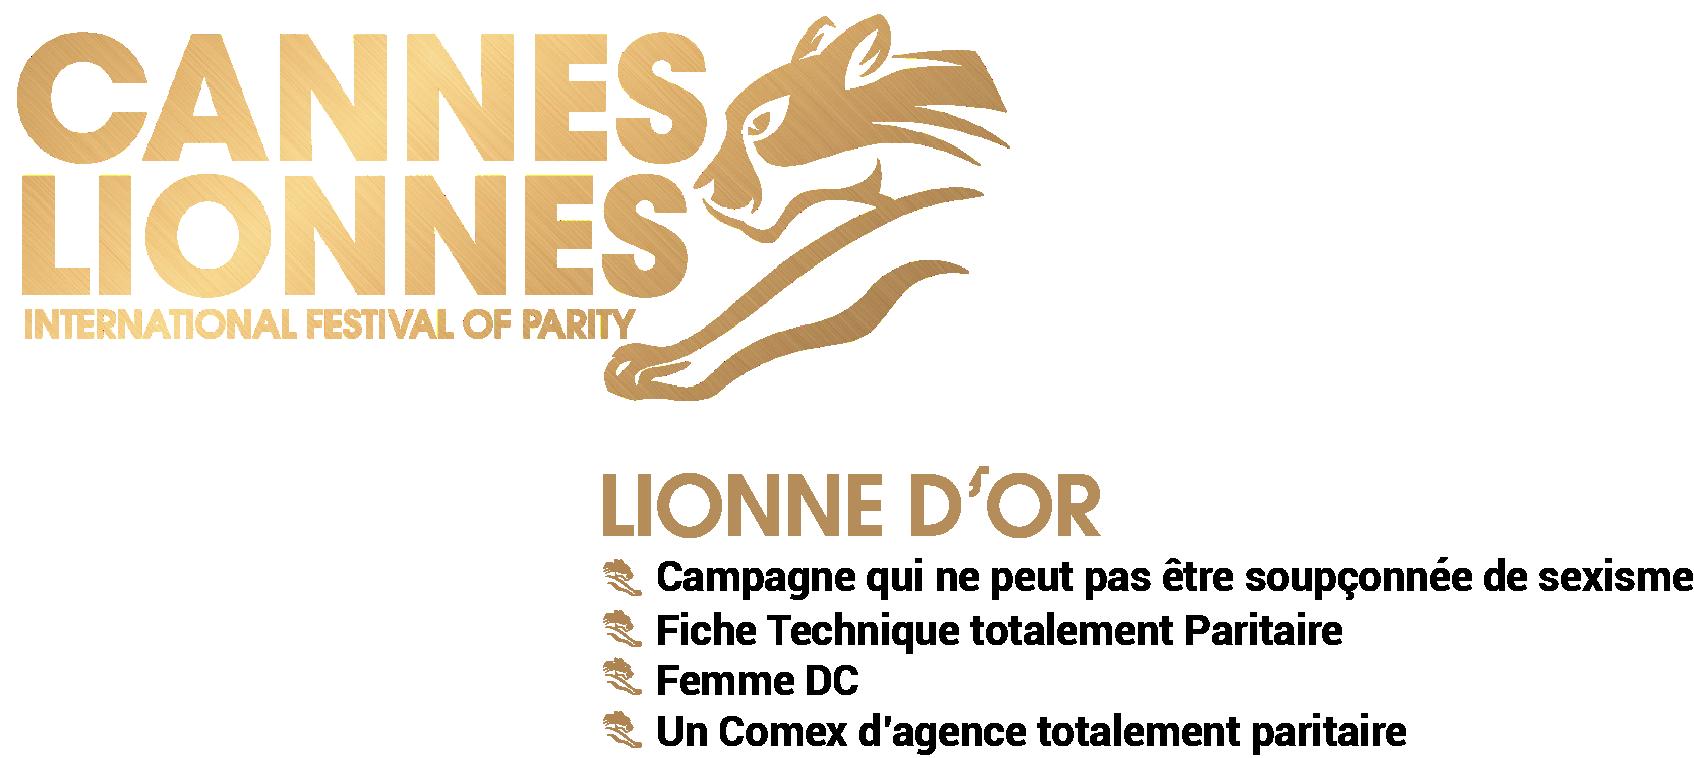 LIONNE D'OR.png